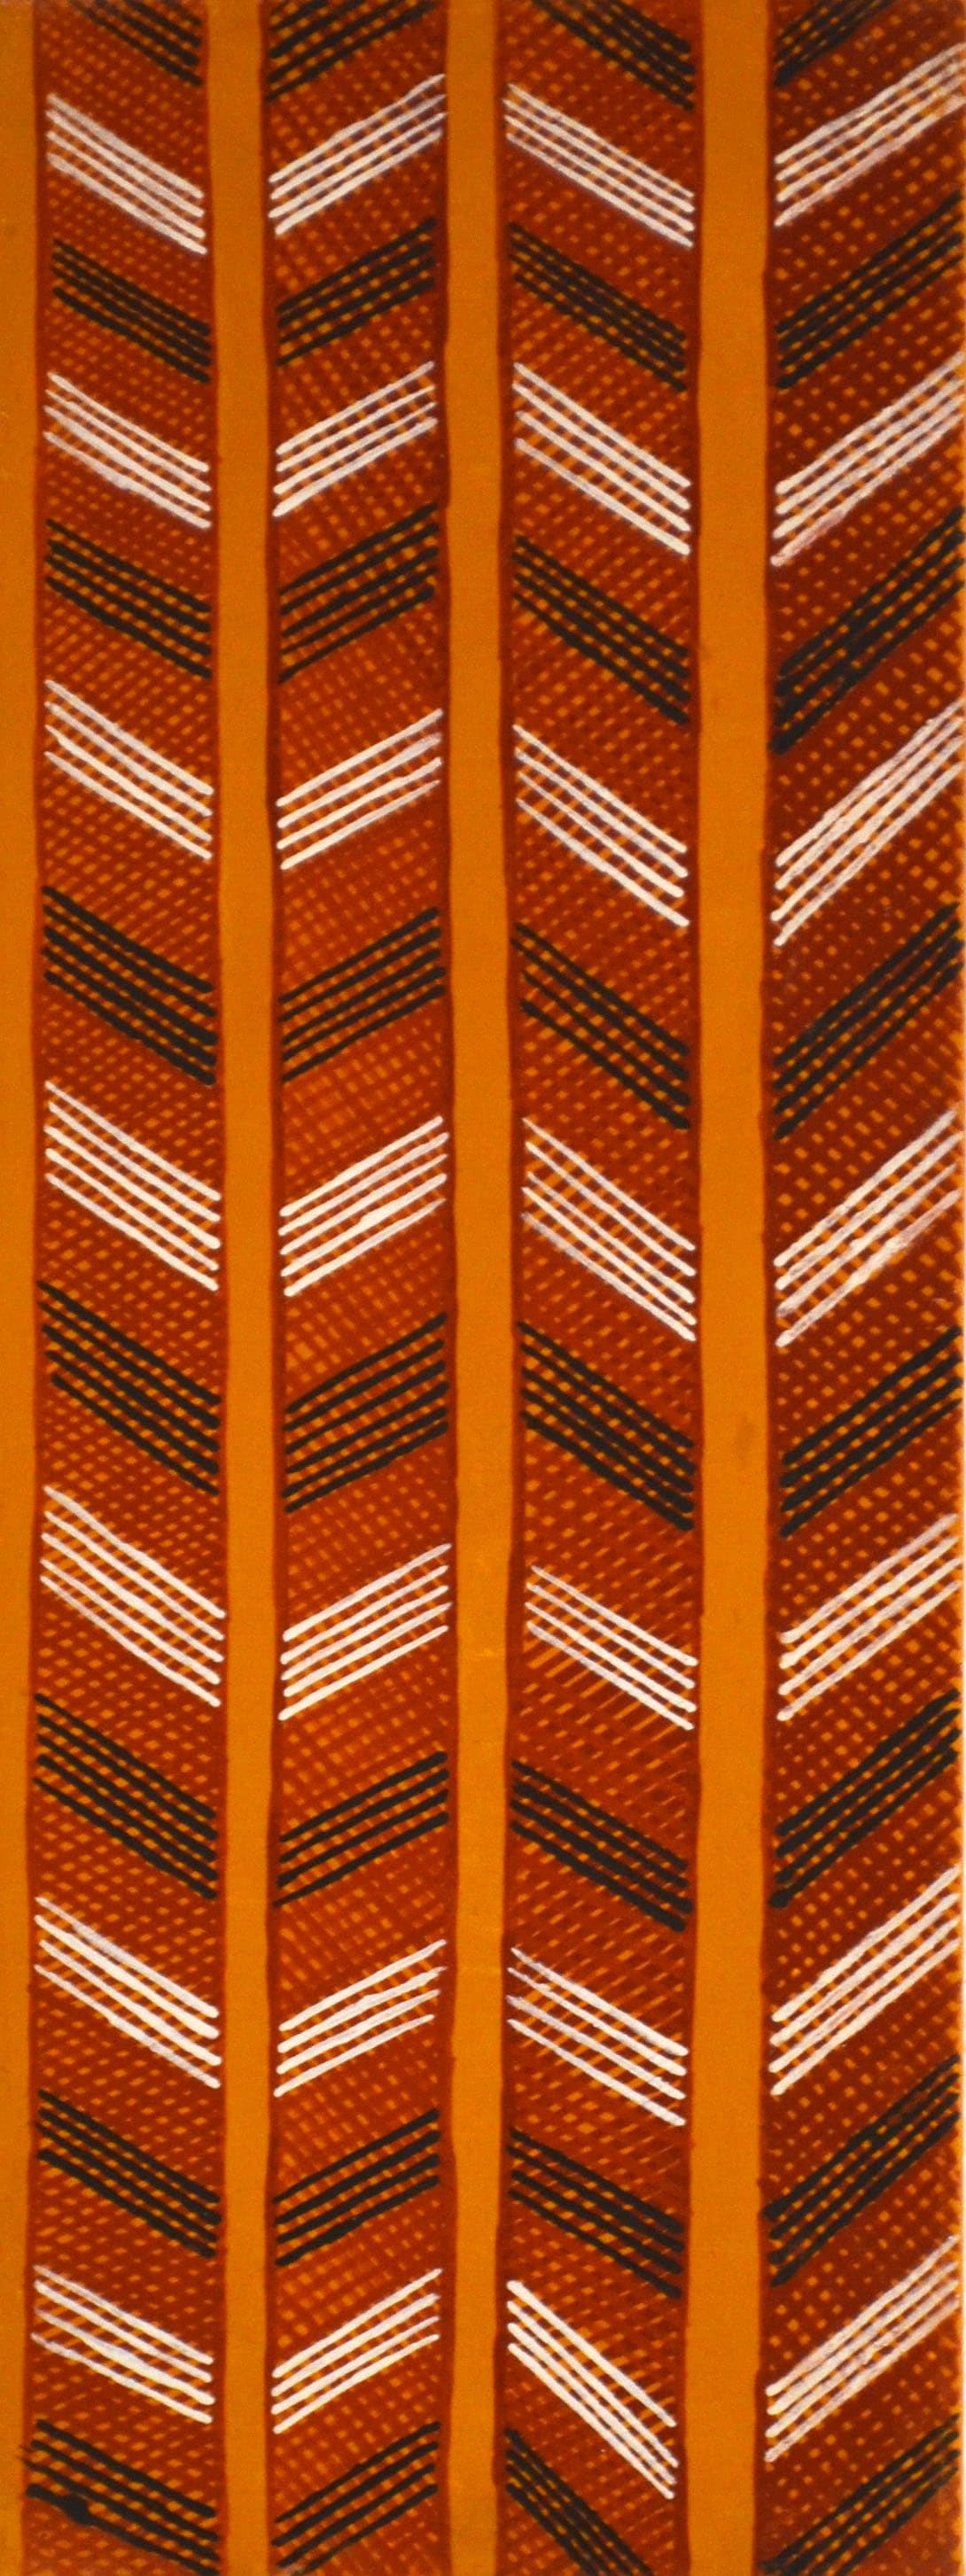 Raelene Kerinauia Liddy Lampuwatu Jilamara natural ochres on linen 30 x 80 cm